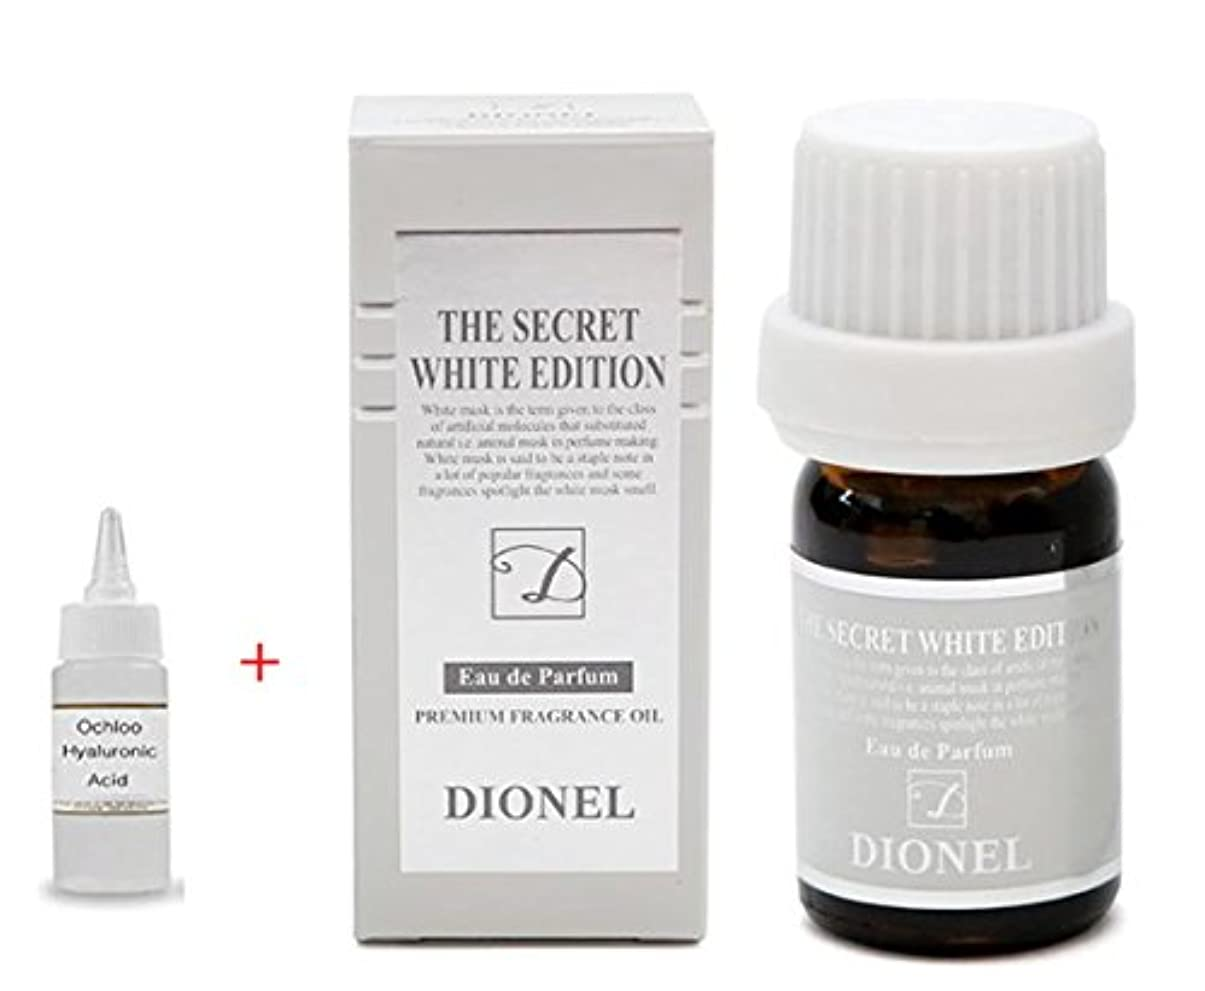 指導する剛性乗り出す[Dionel] 香水のような女性清潔剤、プレミアムアロマエッセンス Love Secret White Edition Dionel 5ml. ラブブラックエディション、一滴の奇跡. Made in Korea + +...